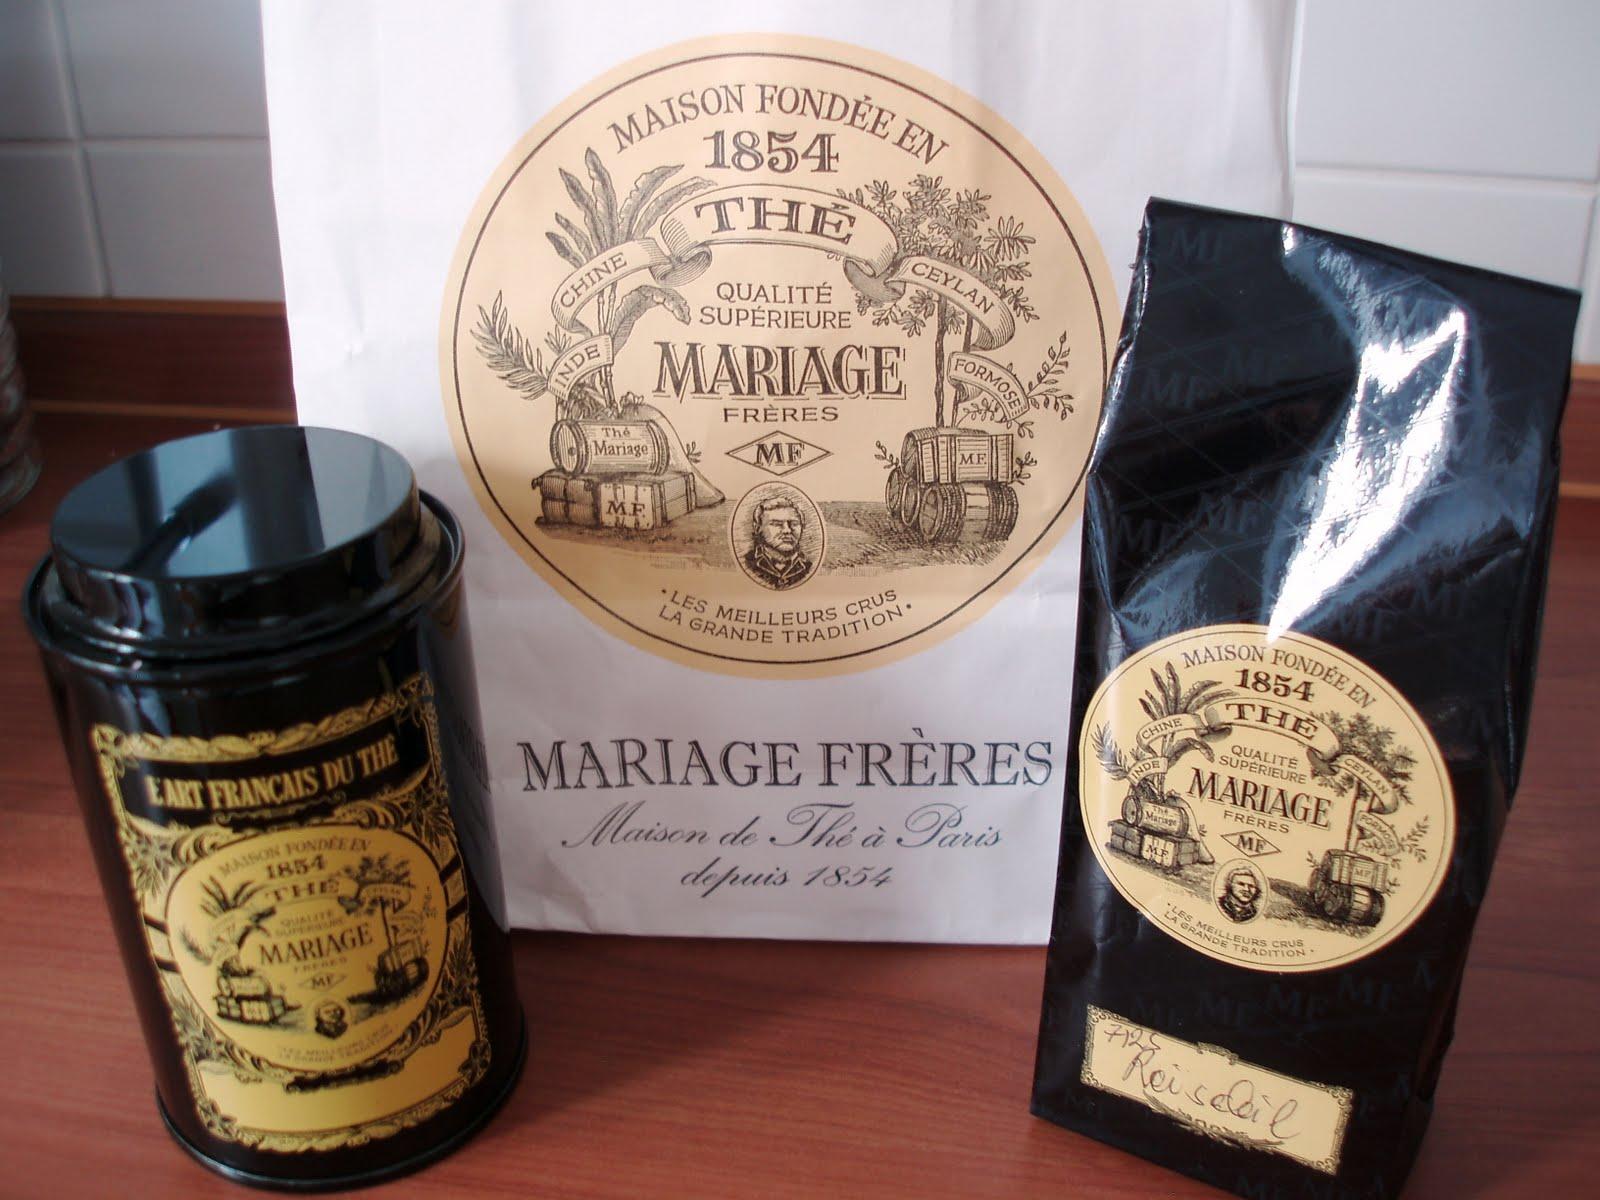 mariage freres marais paris tea tin - Mariages Freres